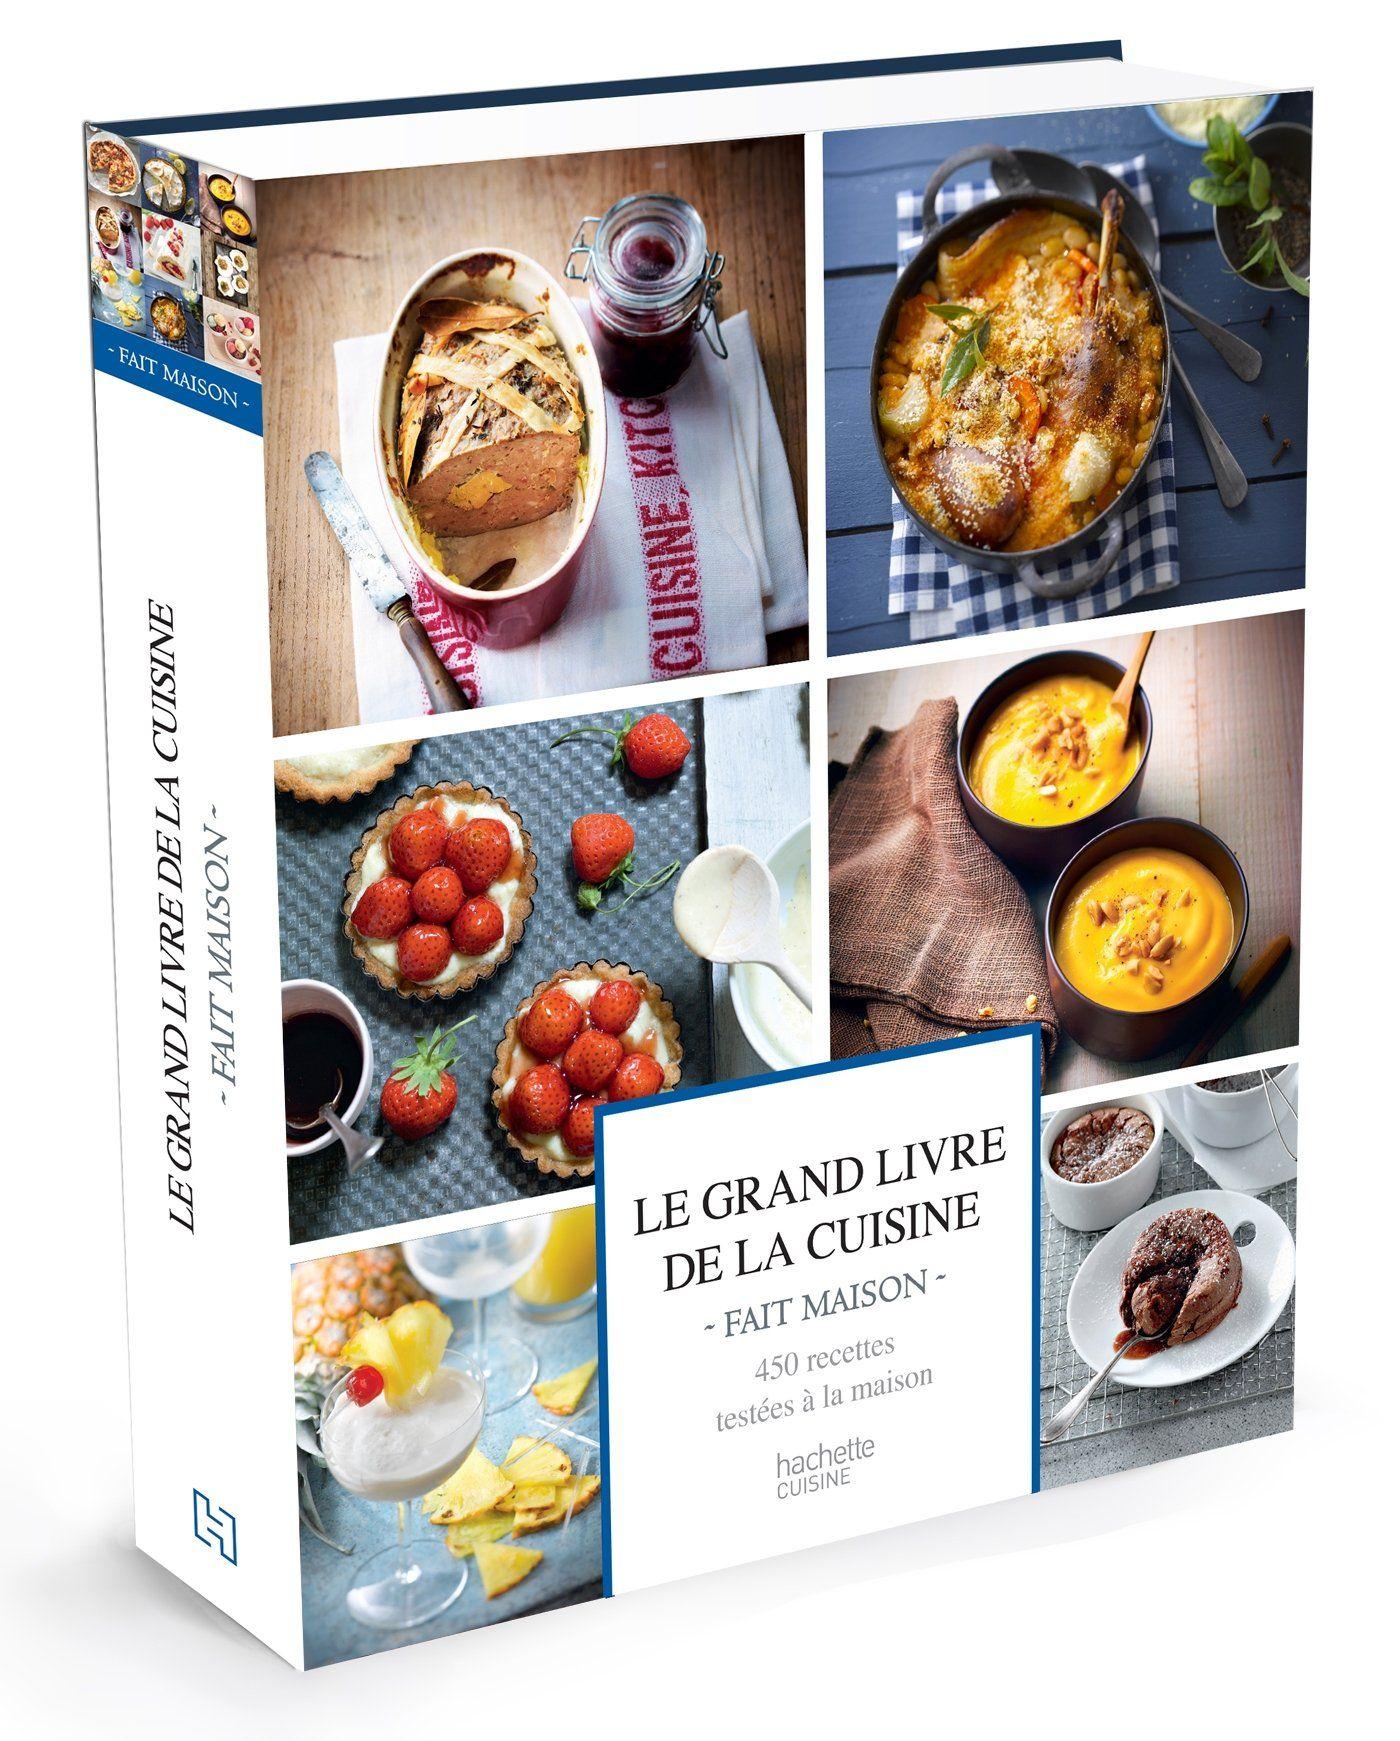 Le Grand livre de la cuisine Fait Maison  http://lc.cx/XnM    Tartelettes au bleu et aux poires, Roulé au pesto, Frites de tomme de comté, Brochettes yakitori, Soupe à l'oignon, Terrine de légumes trois couleurs, Poulet basquaise, Gratin dauphinois, Carottes mijotées au miel, Raviolis à la ricotta, Cake au citron, Cannelés, Crème glacée au café, Tartelettes choco-caramel...